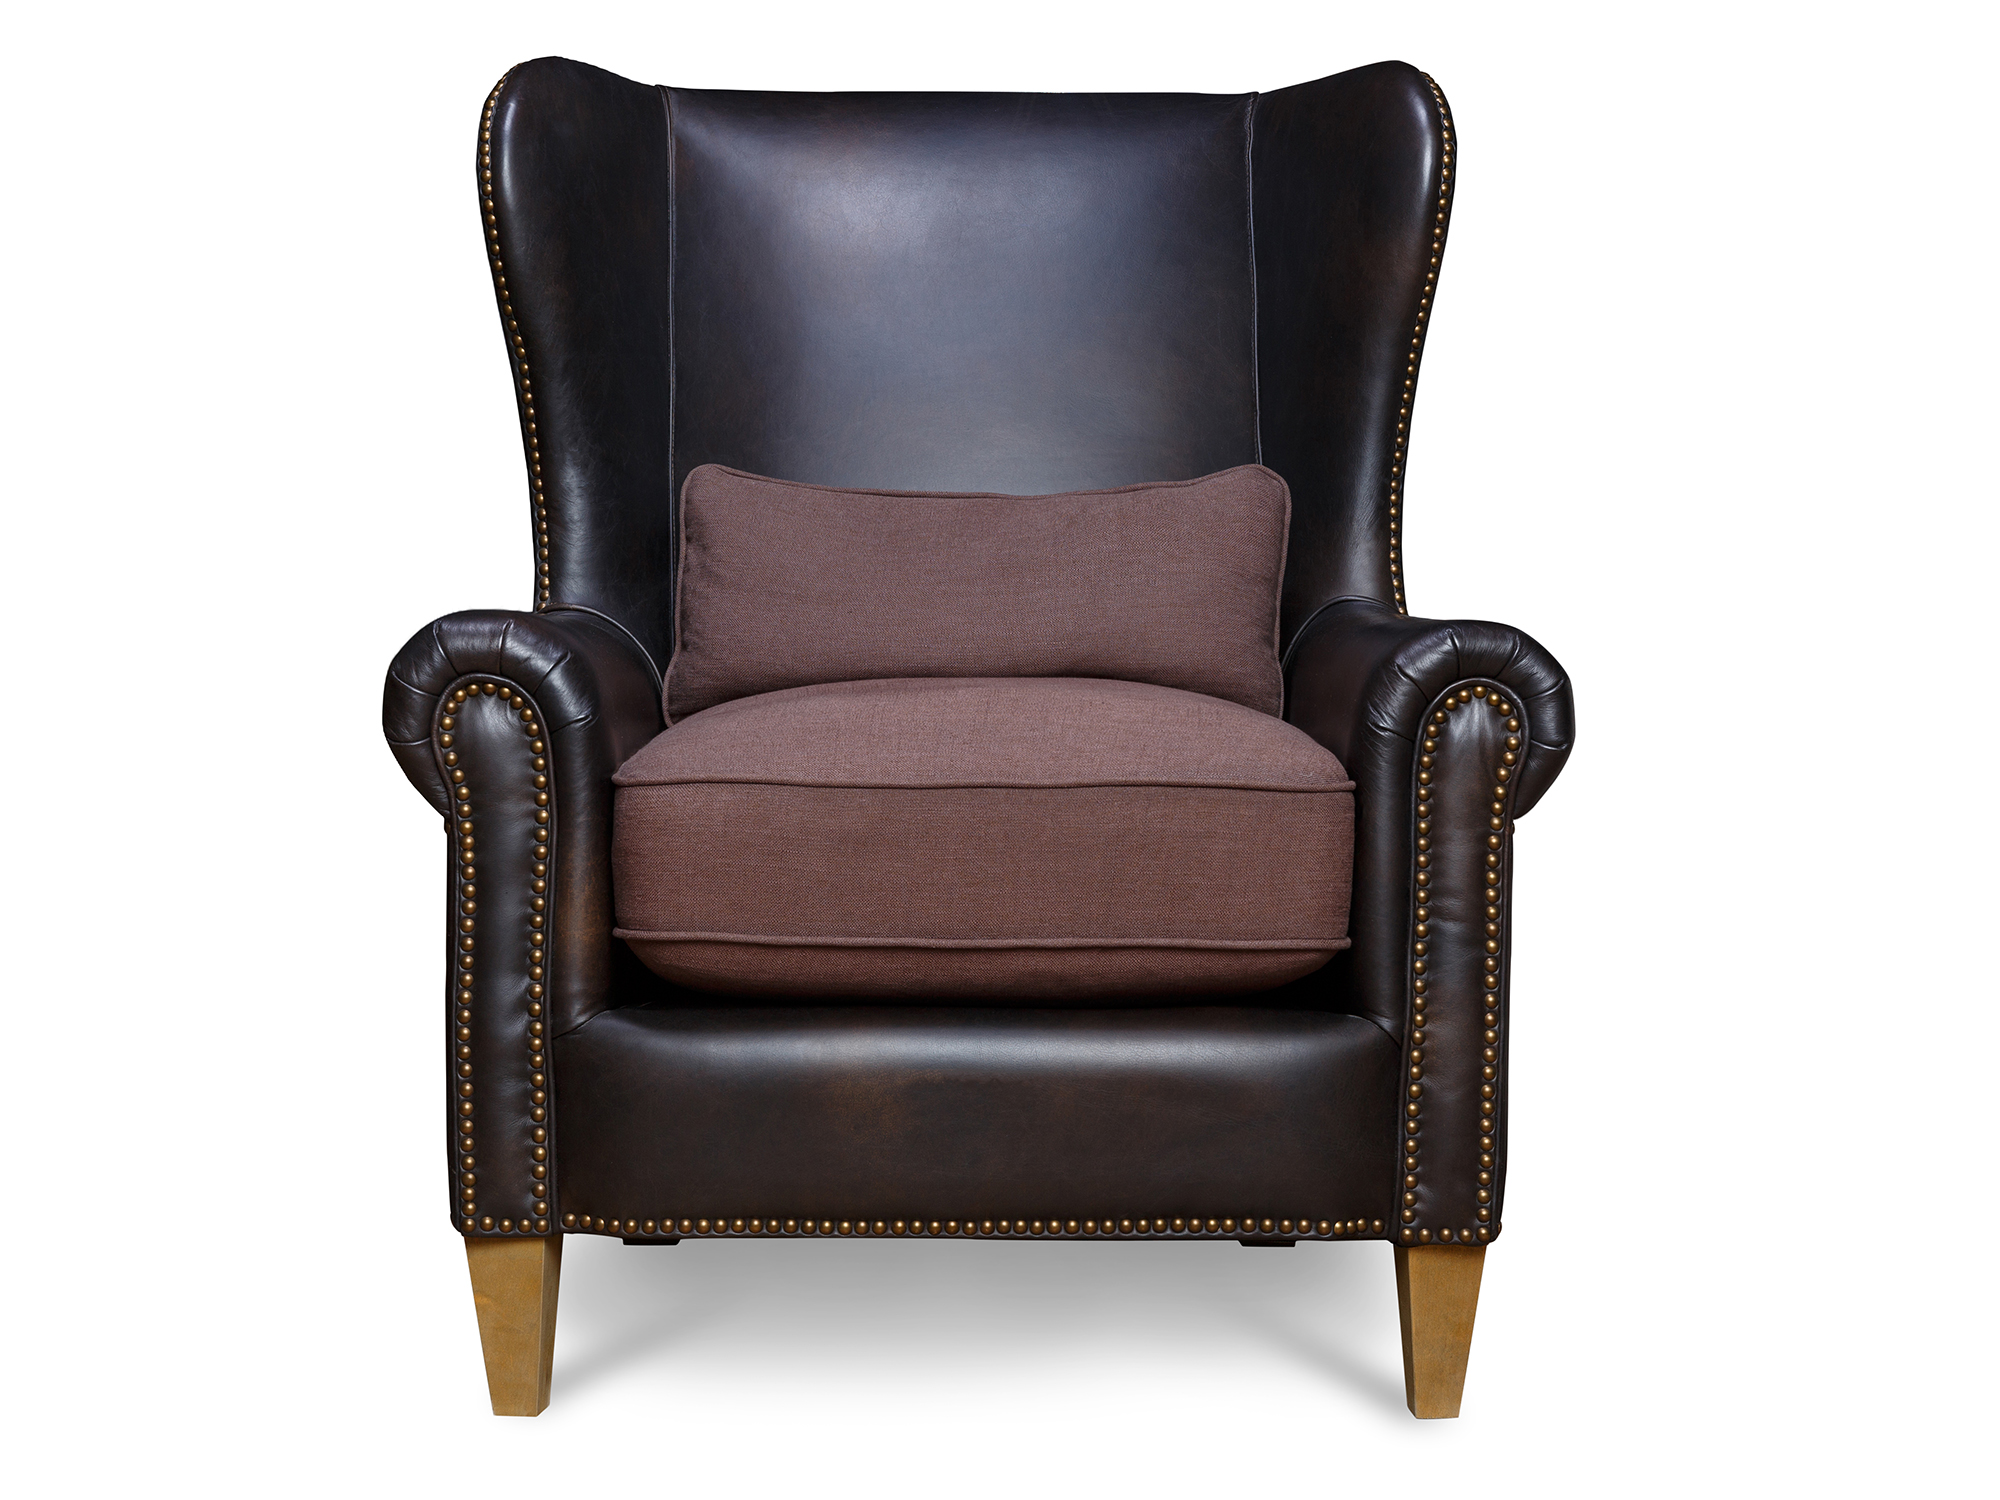 Кресло Malonne ArmchairКожаные кресла<br>Классическое каминное кресло &amp;quot;с ушами&amp;quot;. Обтянуто натуральной кожей, каркас выполнен из дерева – что можно придумать традиционнее? Подушки сиденья обиты тканью – даже летом на таком кресле будет приятно сидеть. Завершают образ гирлянды медных гвоздиков, окантовывающие кресло, придающие виду приятный акцент.<br><br>Material: Кожа<br>Ширина см: 94<br>Высота см: 109<br>Глубина см: 90